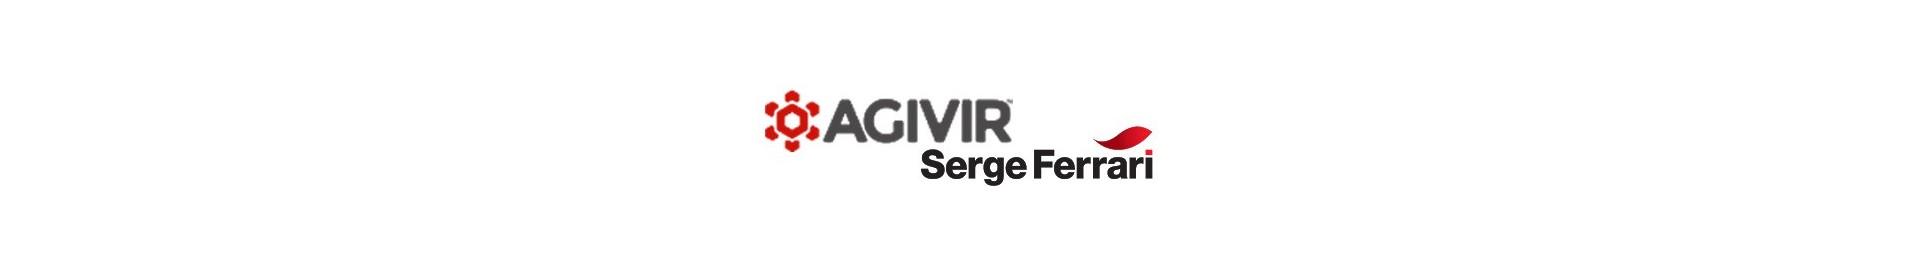 Toile antivirale AGIVIR +